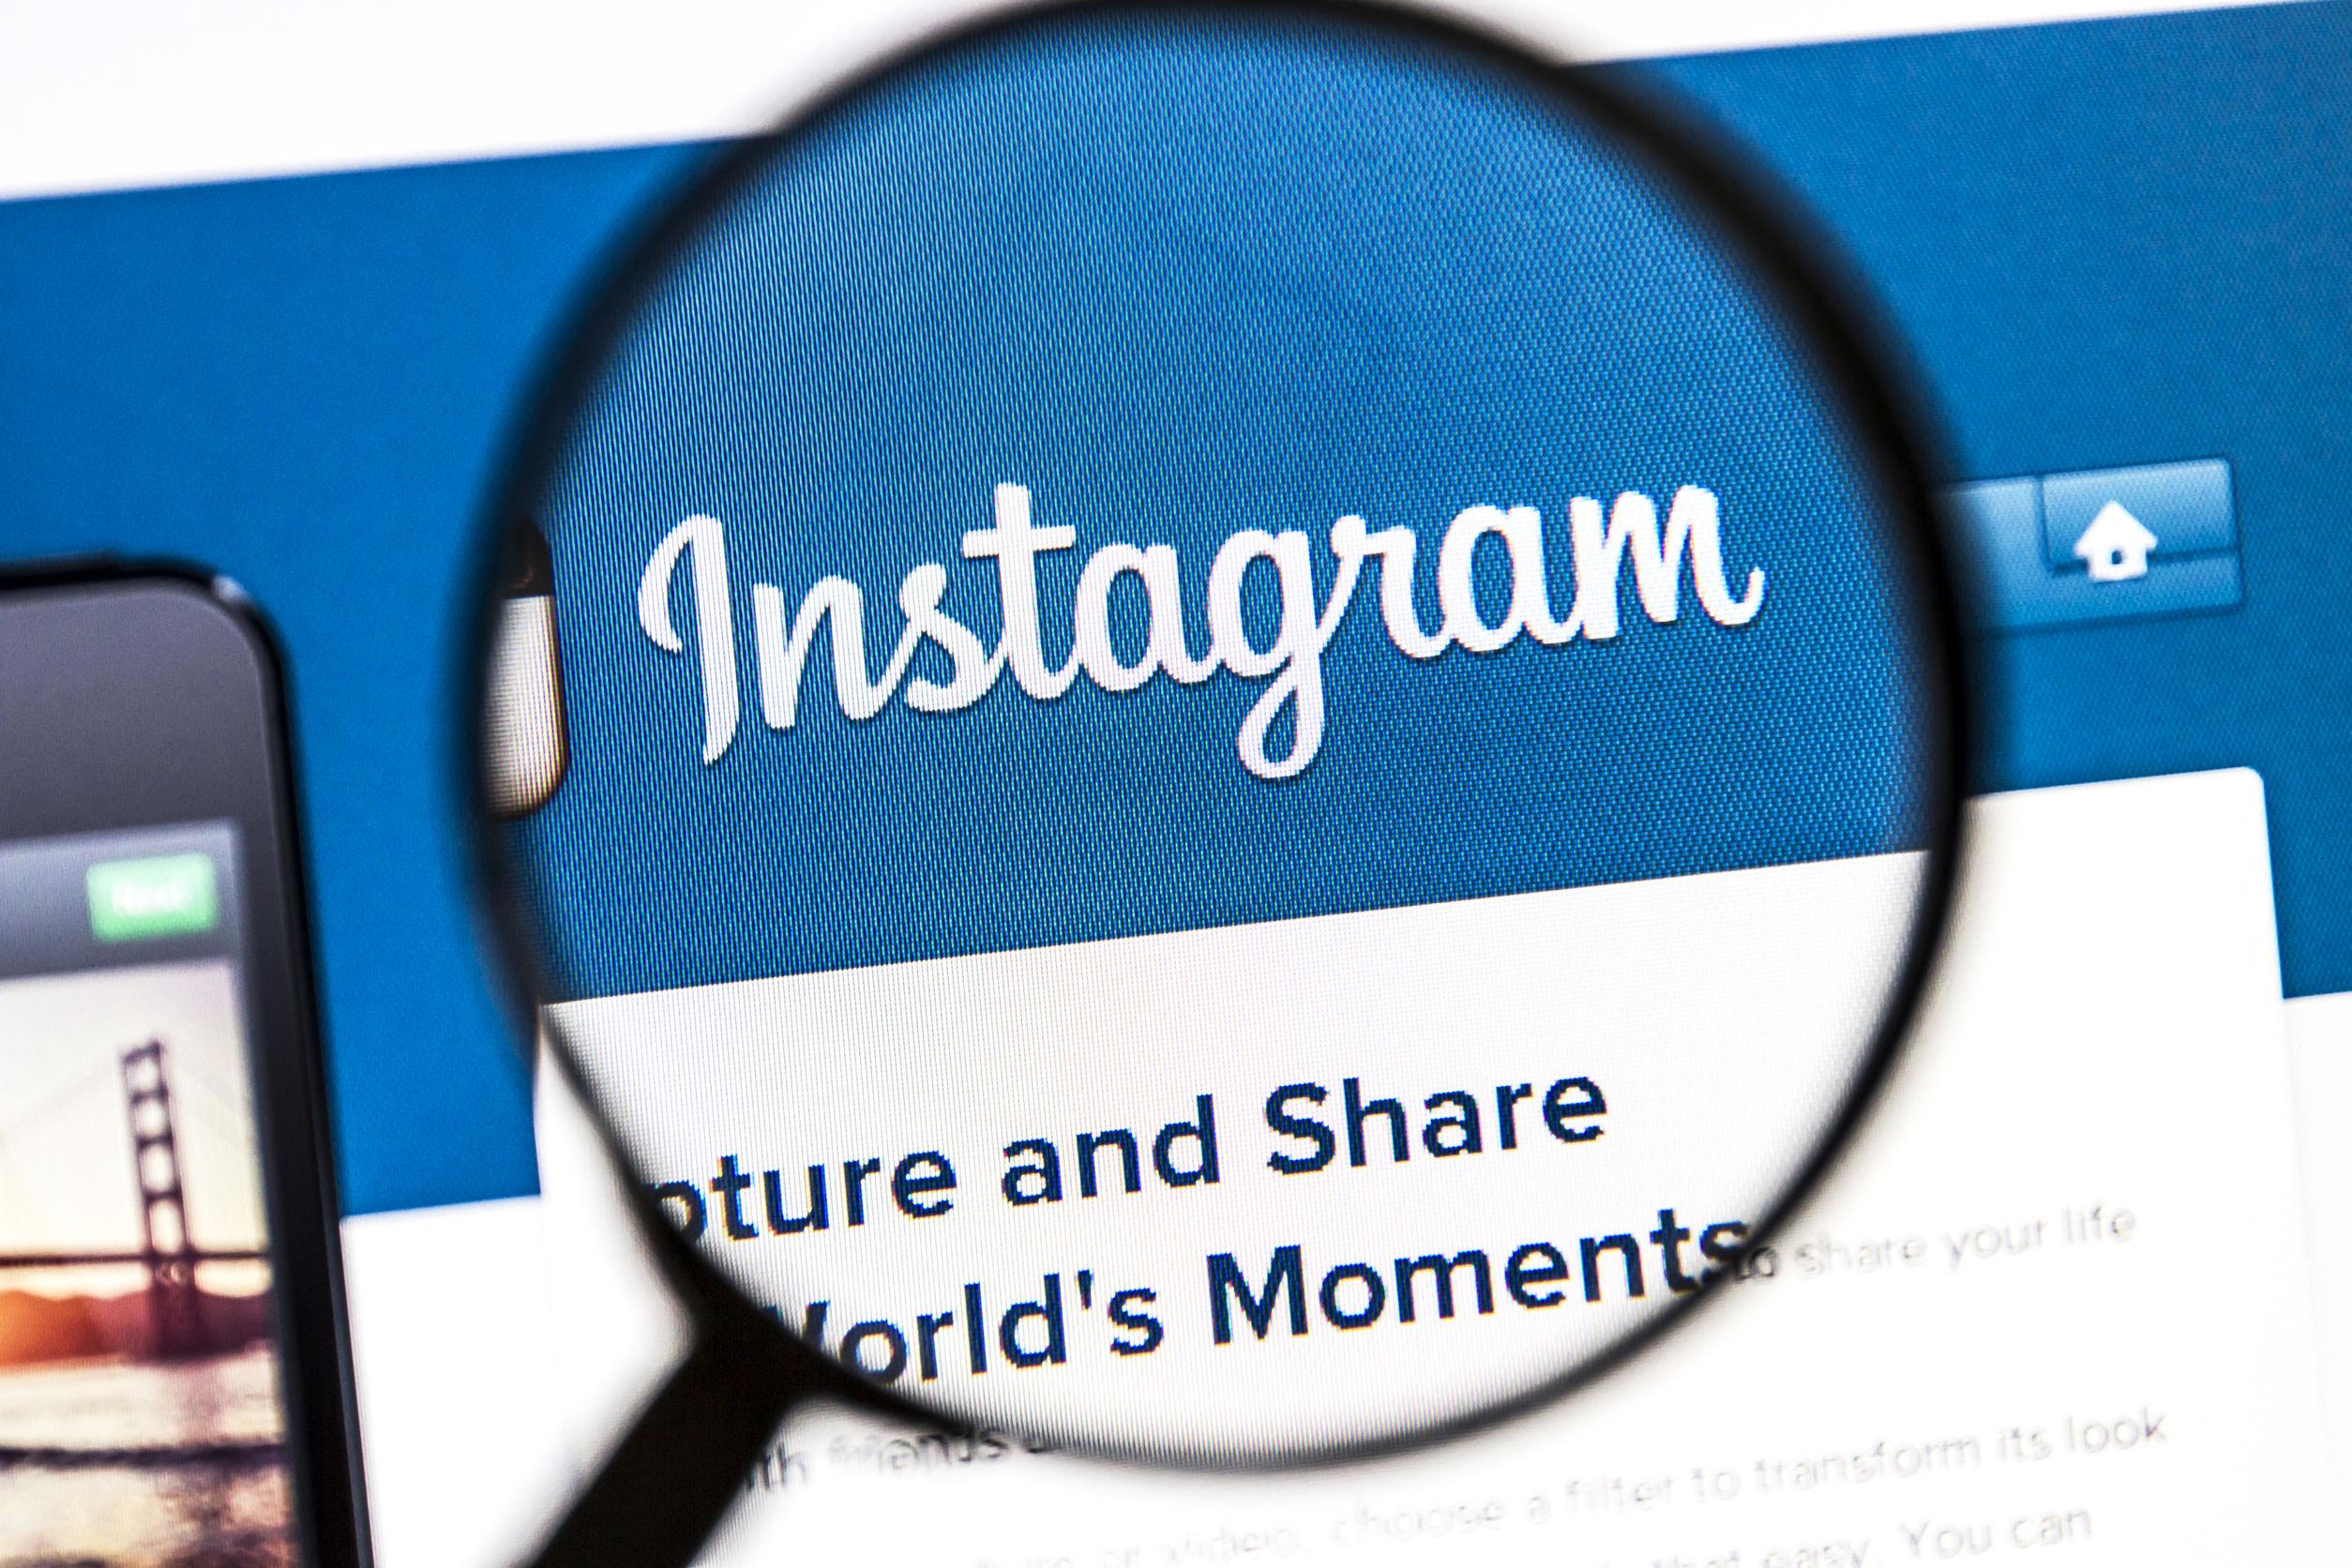 tela inicial do instagram vista por uma lupa